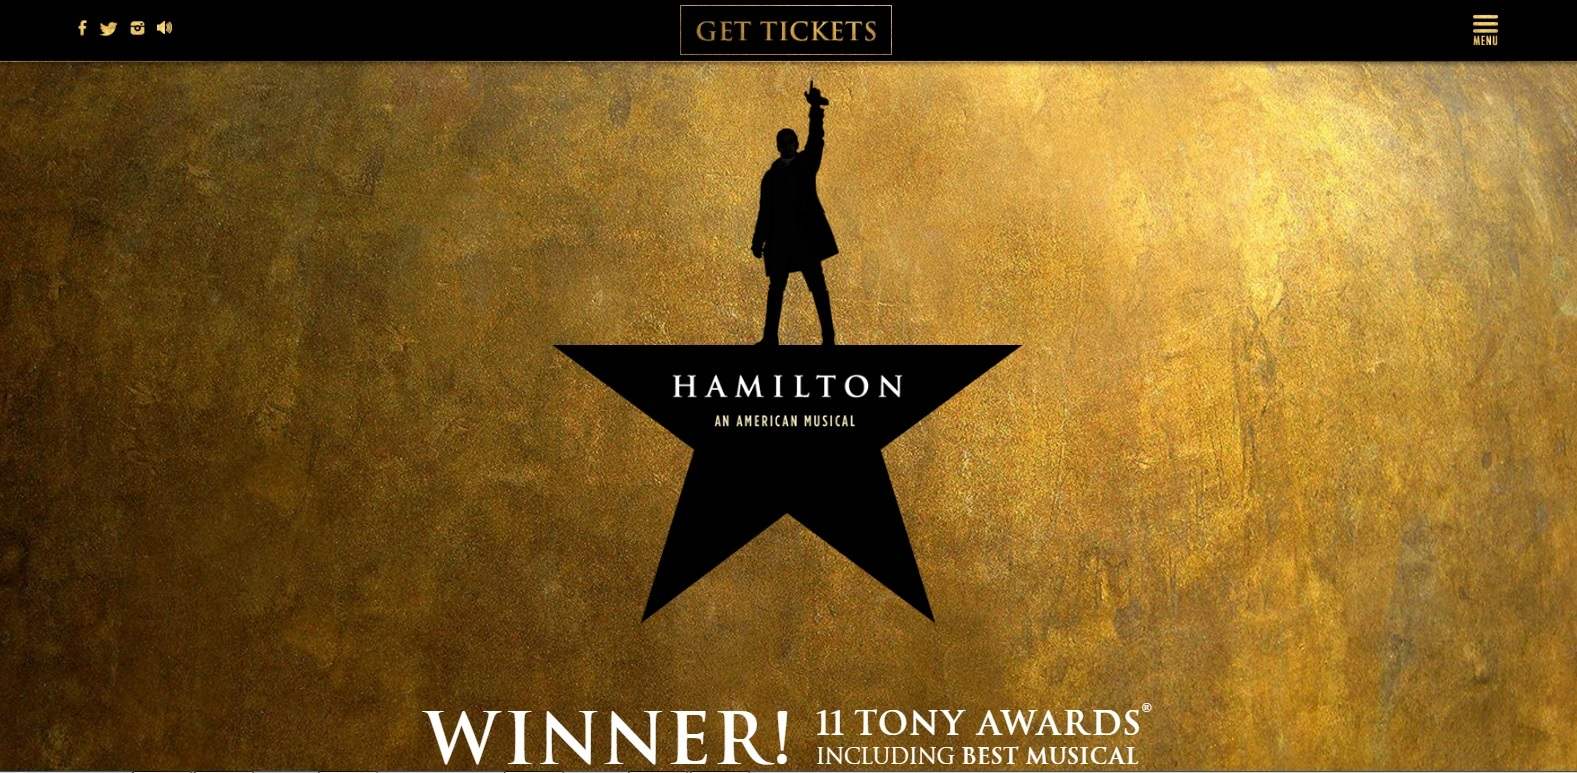 トニー賞受賞のキャッチが加わった『Hamilton』公式サイトのトップページ